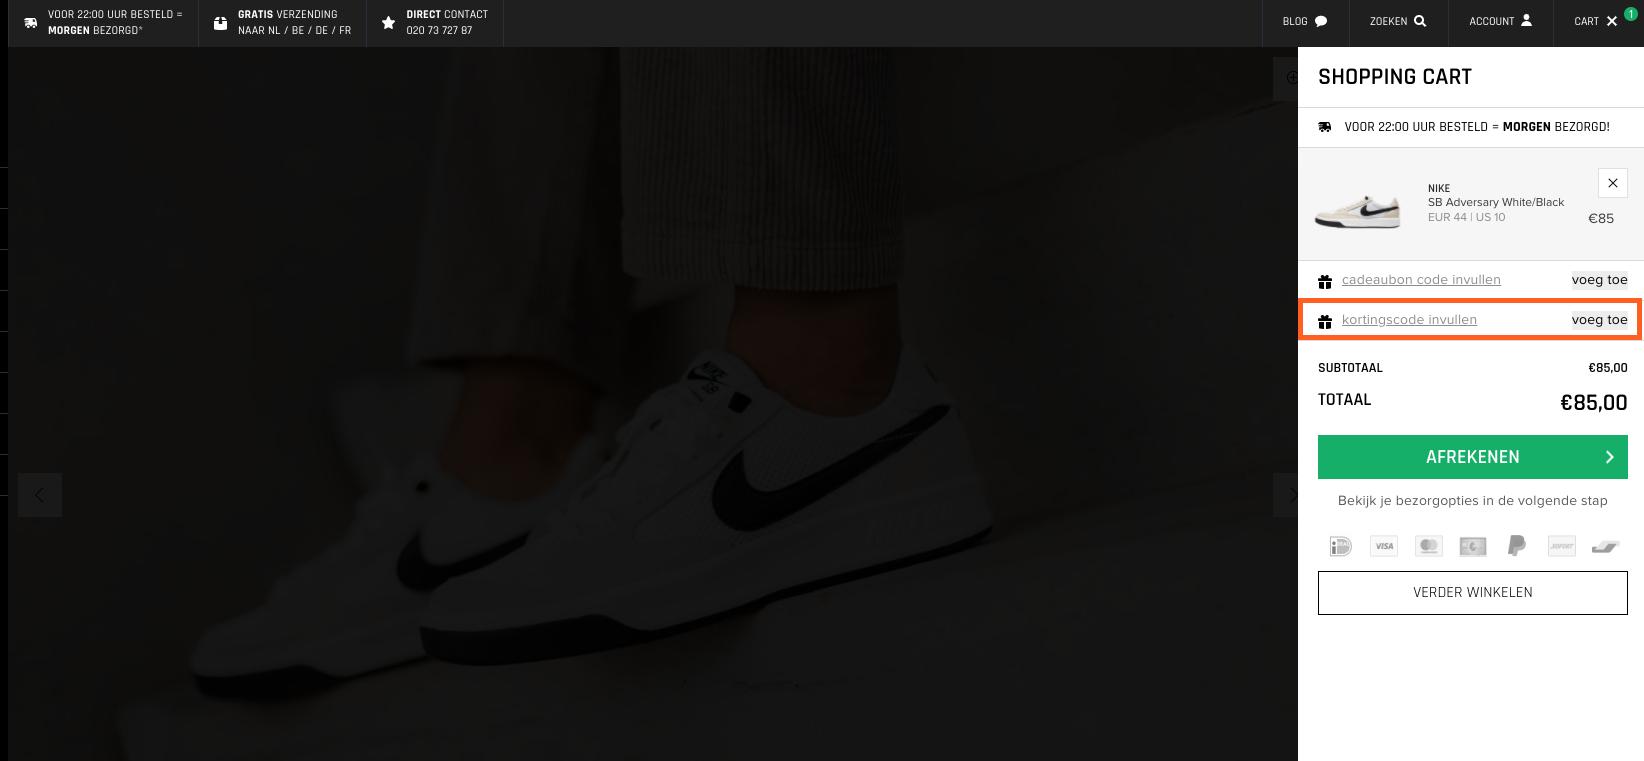 sneaker district voucher-voucher_redemption-how-to